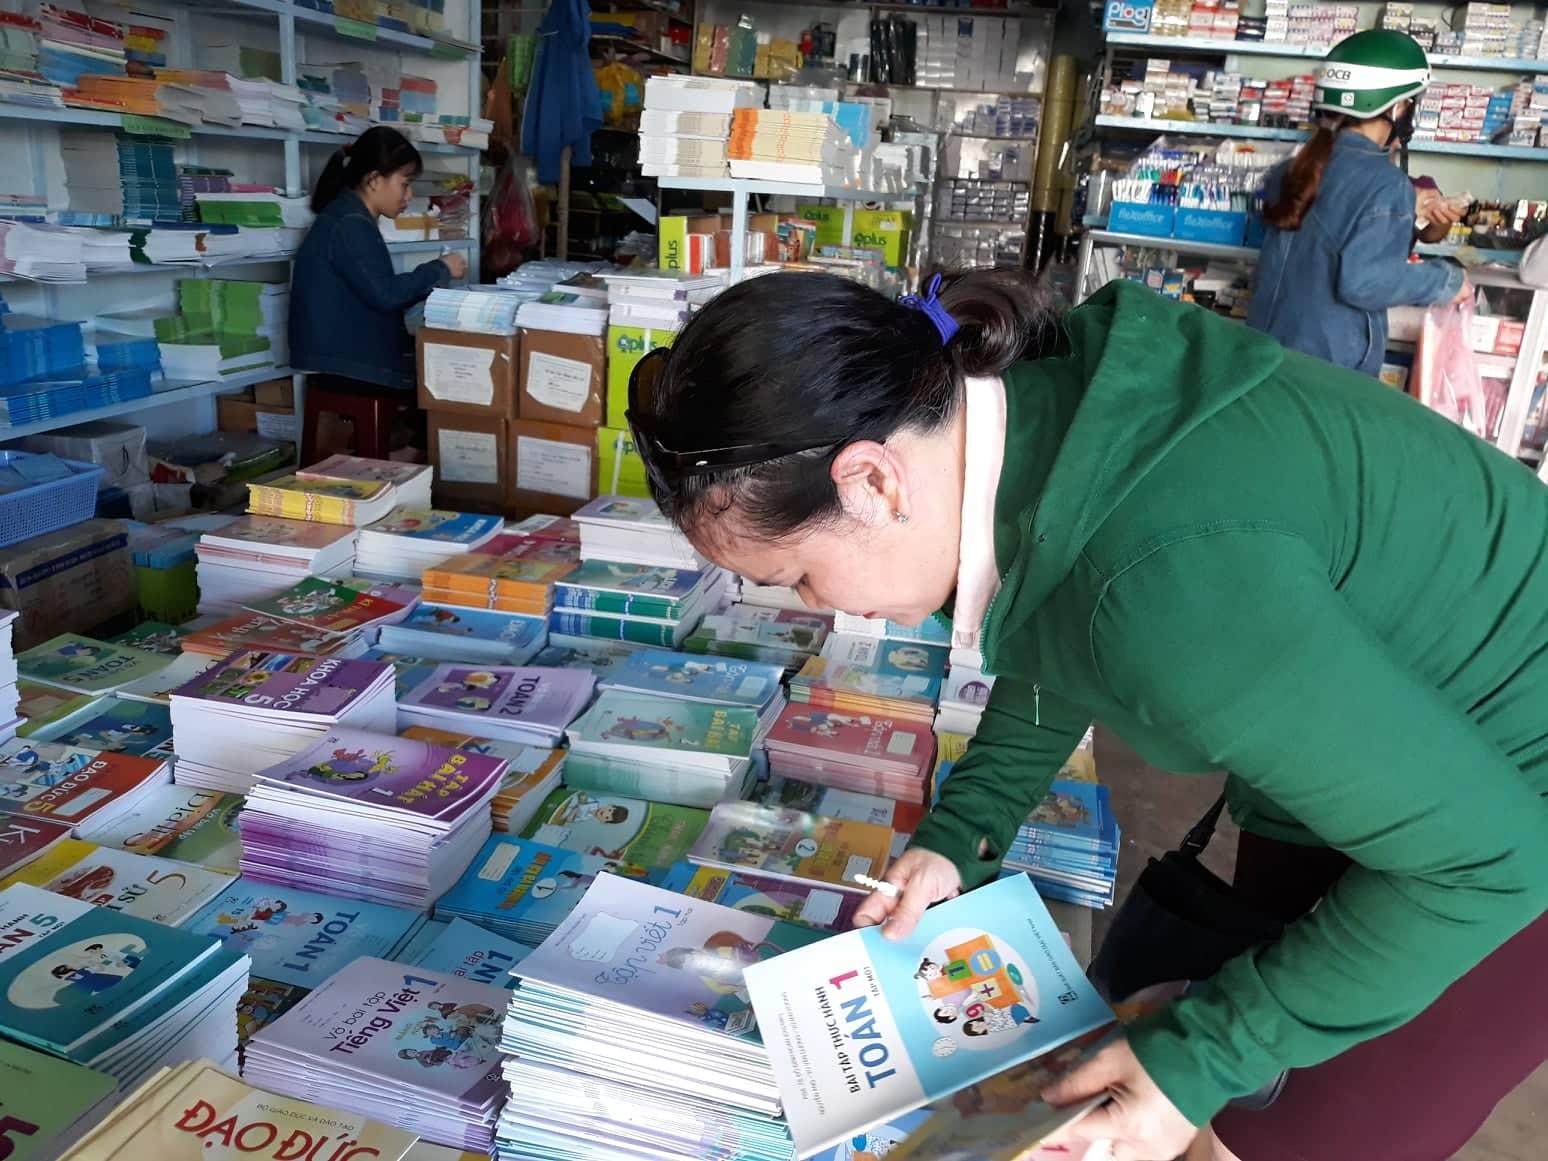 Phụ huynh mua sách giáo khoa lớp 1 vào chiều 17.8. Ảnh: C.N